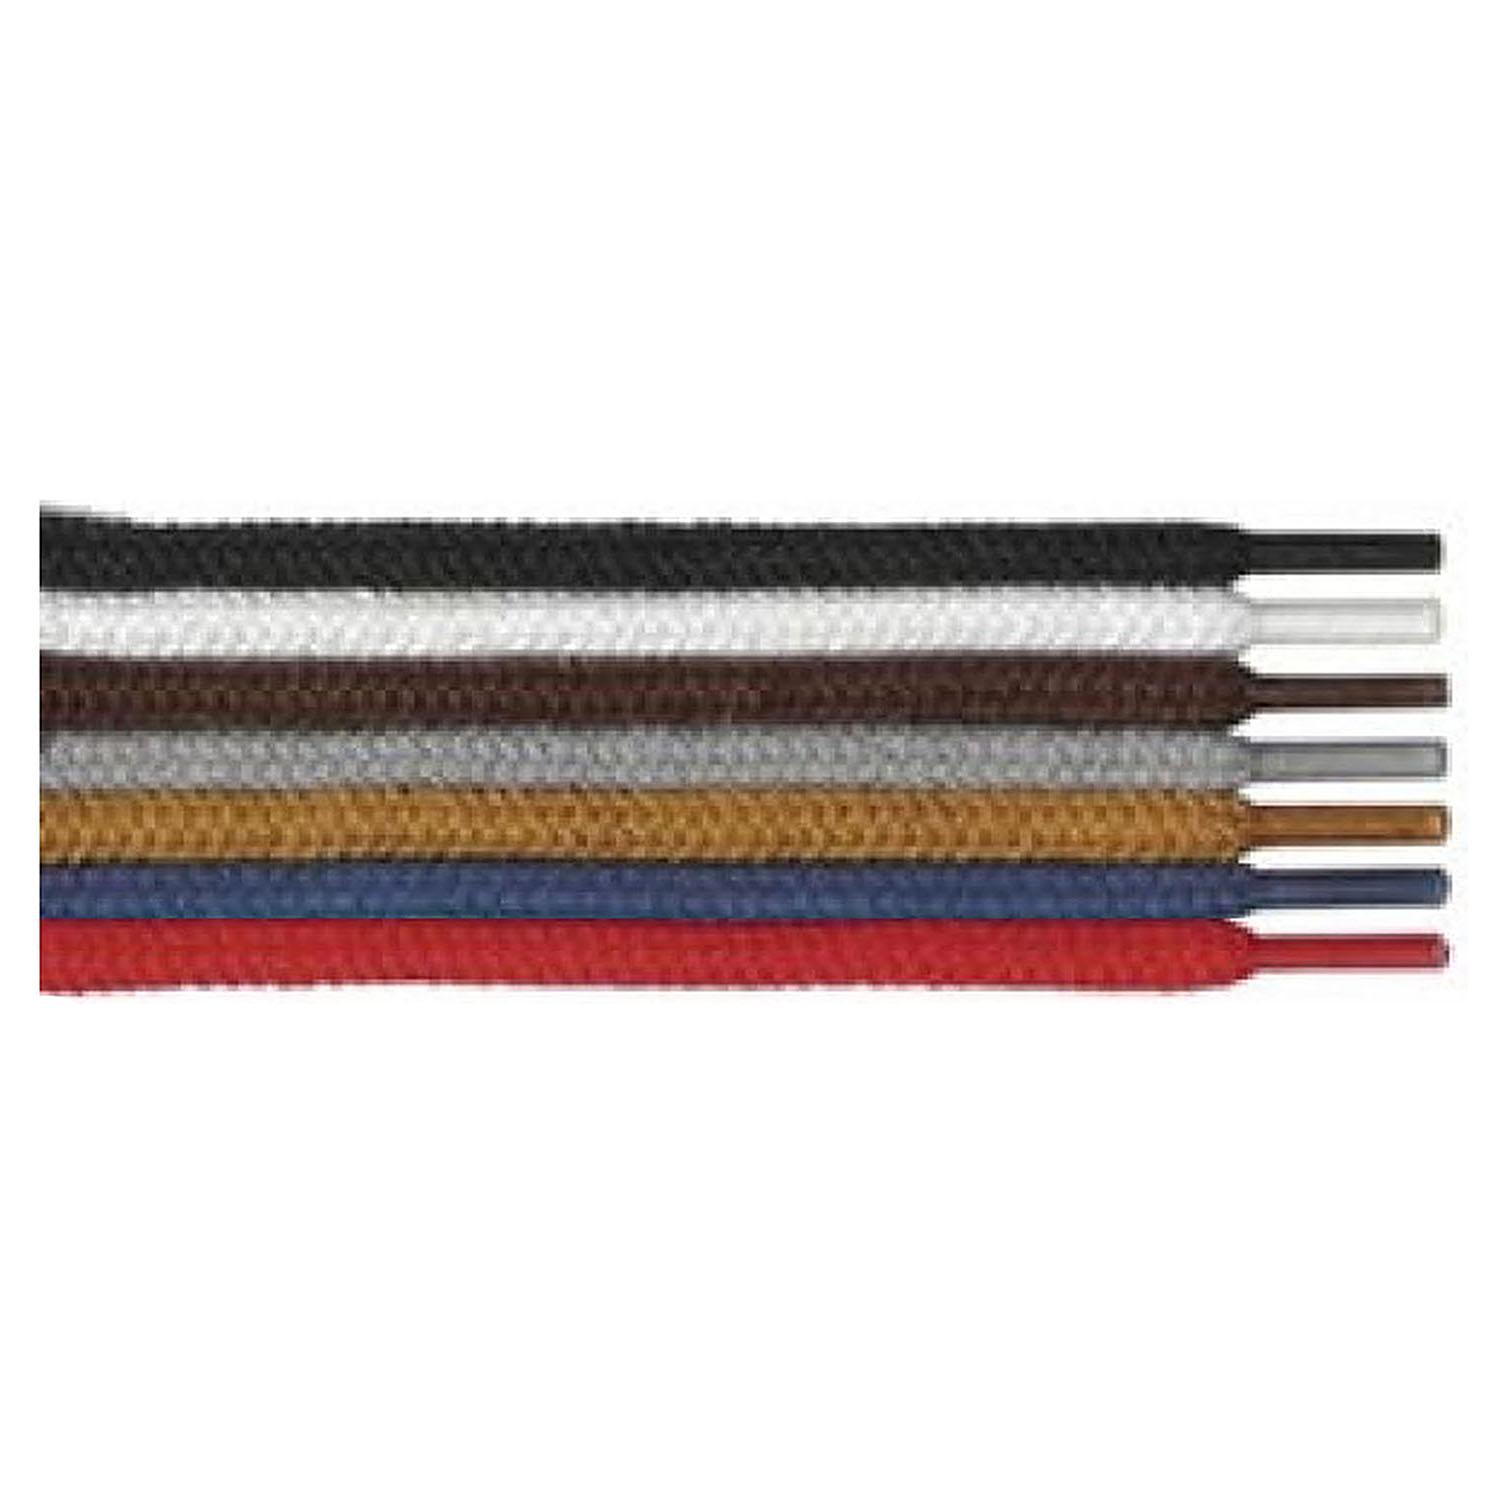 Tkaničky kulaté silné 90-100cm